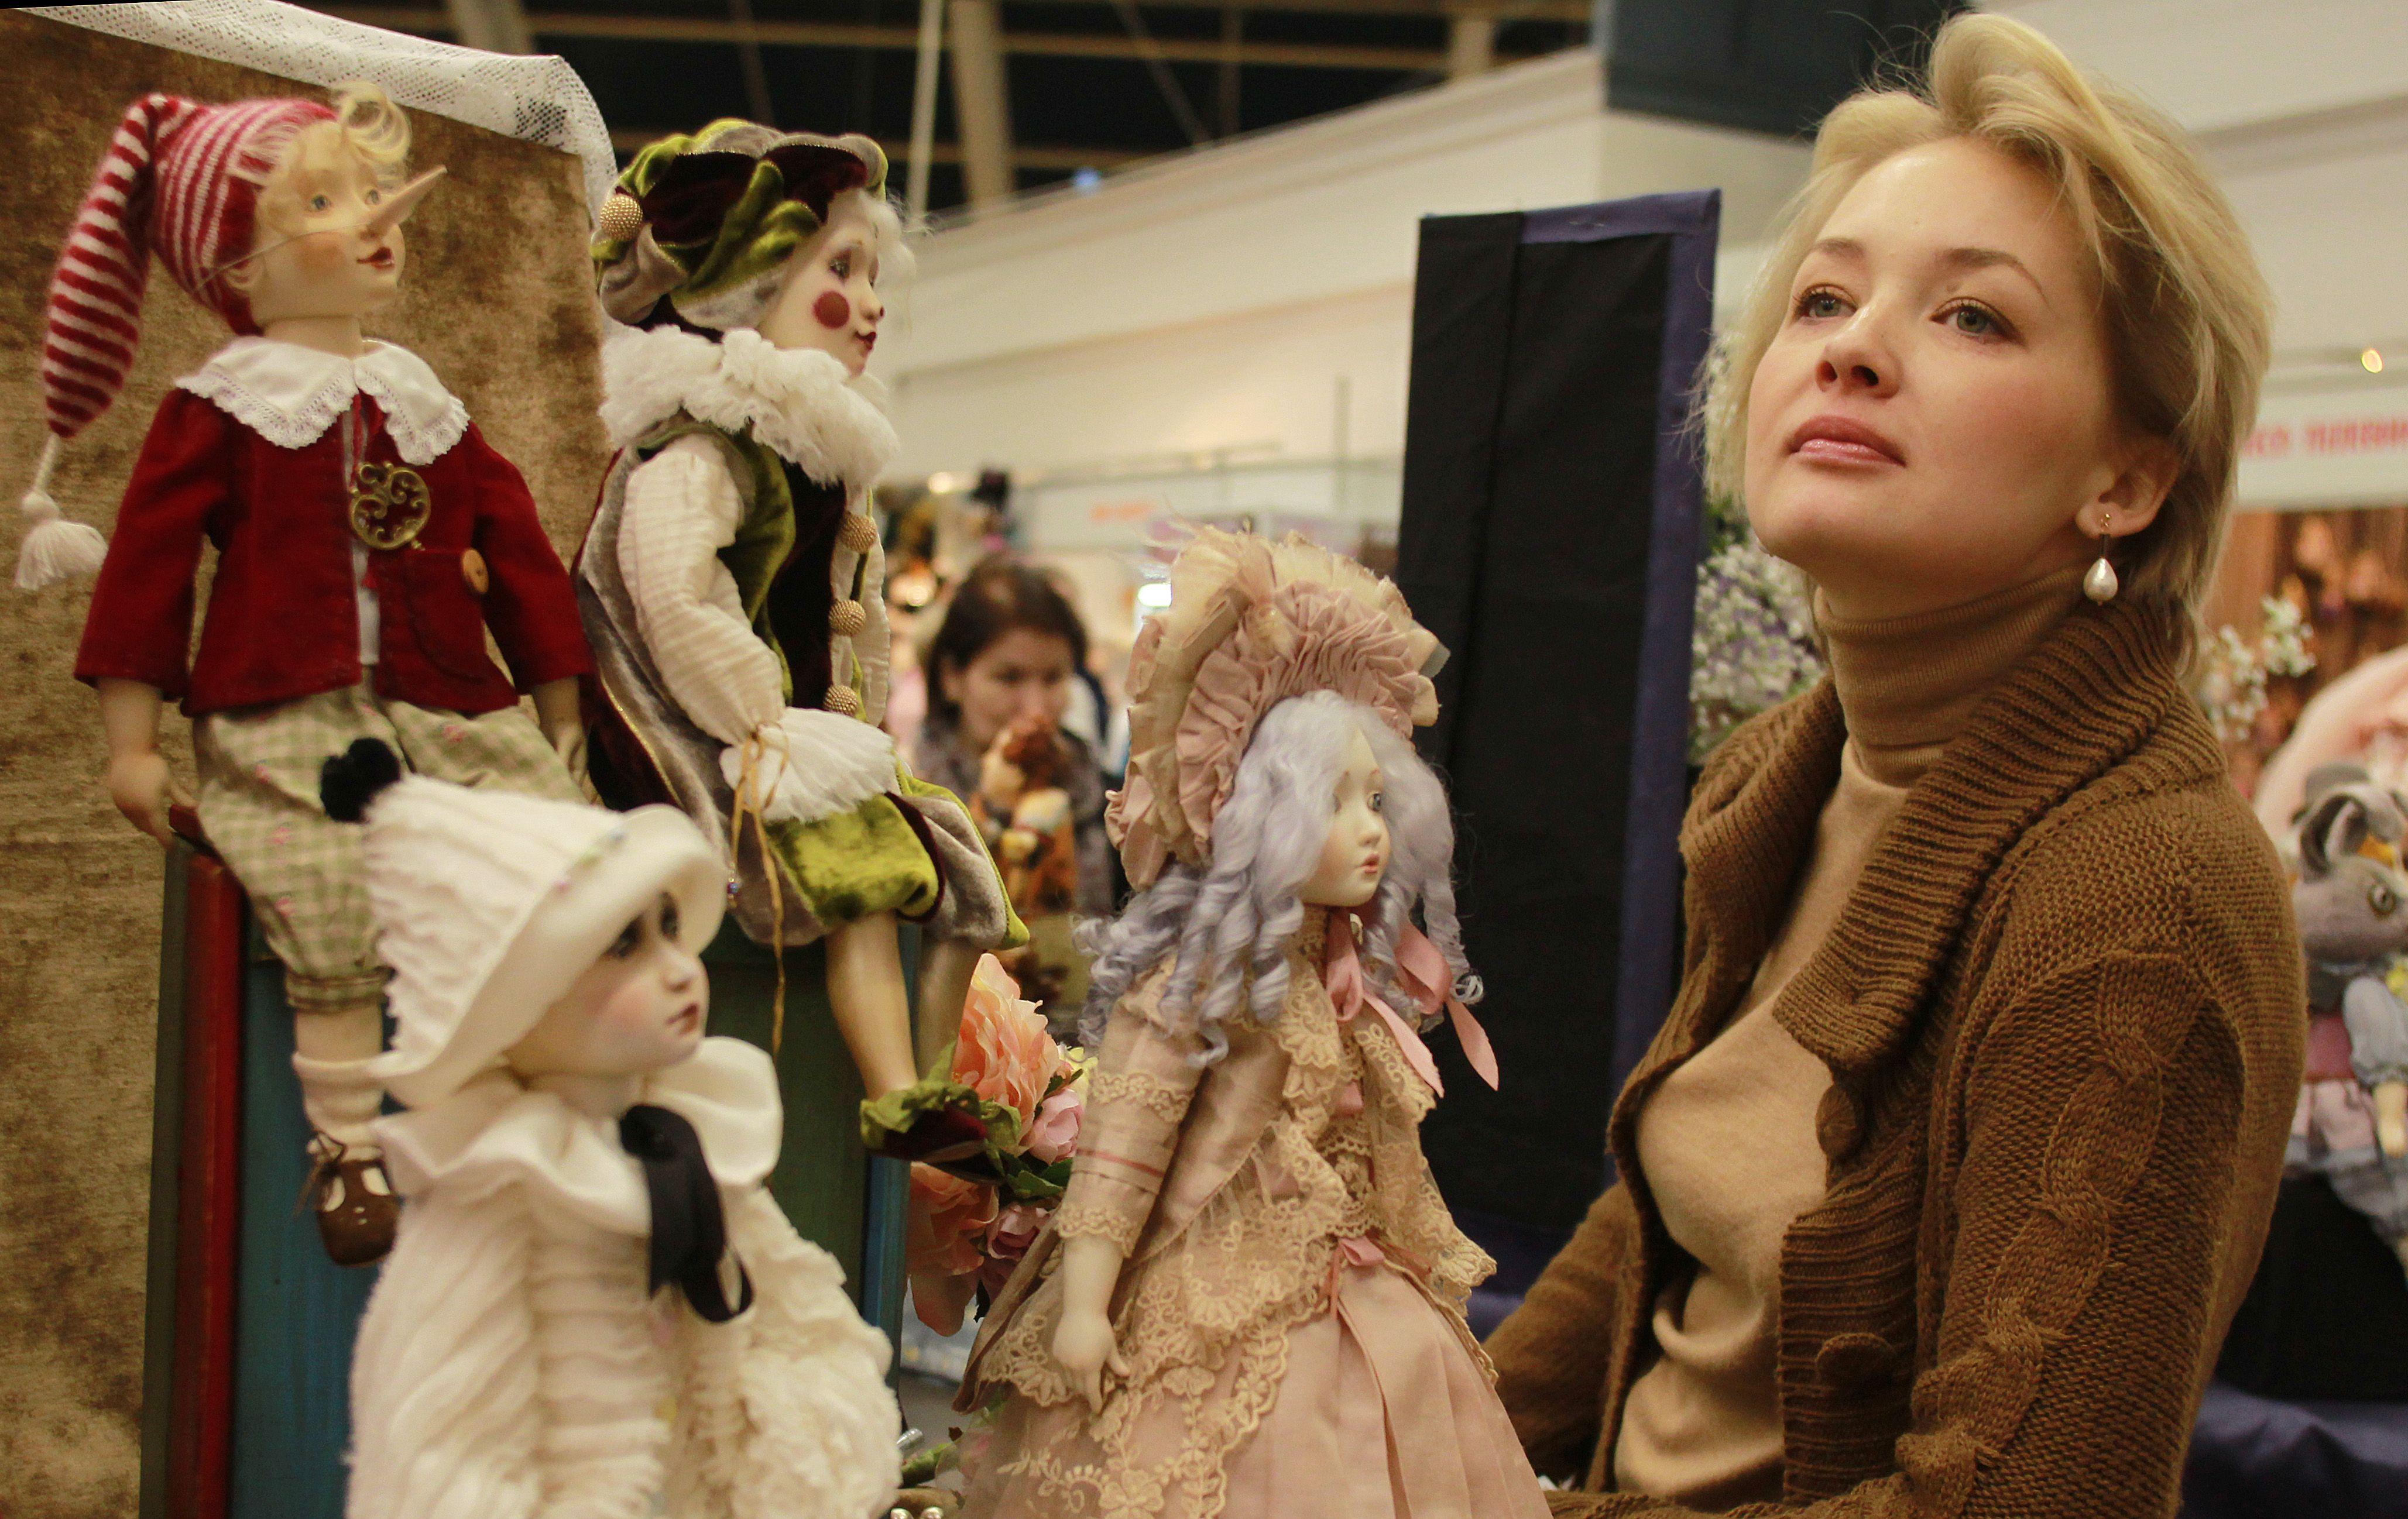 Жителей Краснопахорского научат изготавливать одежду для кукол